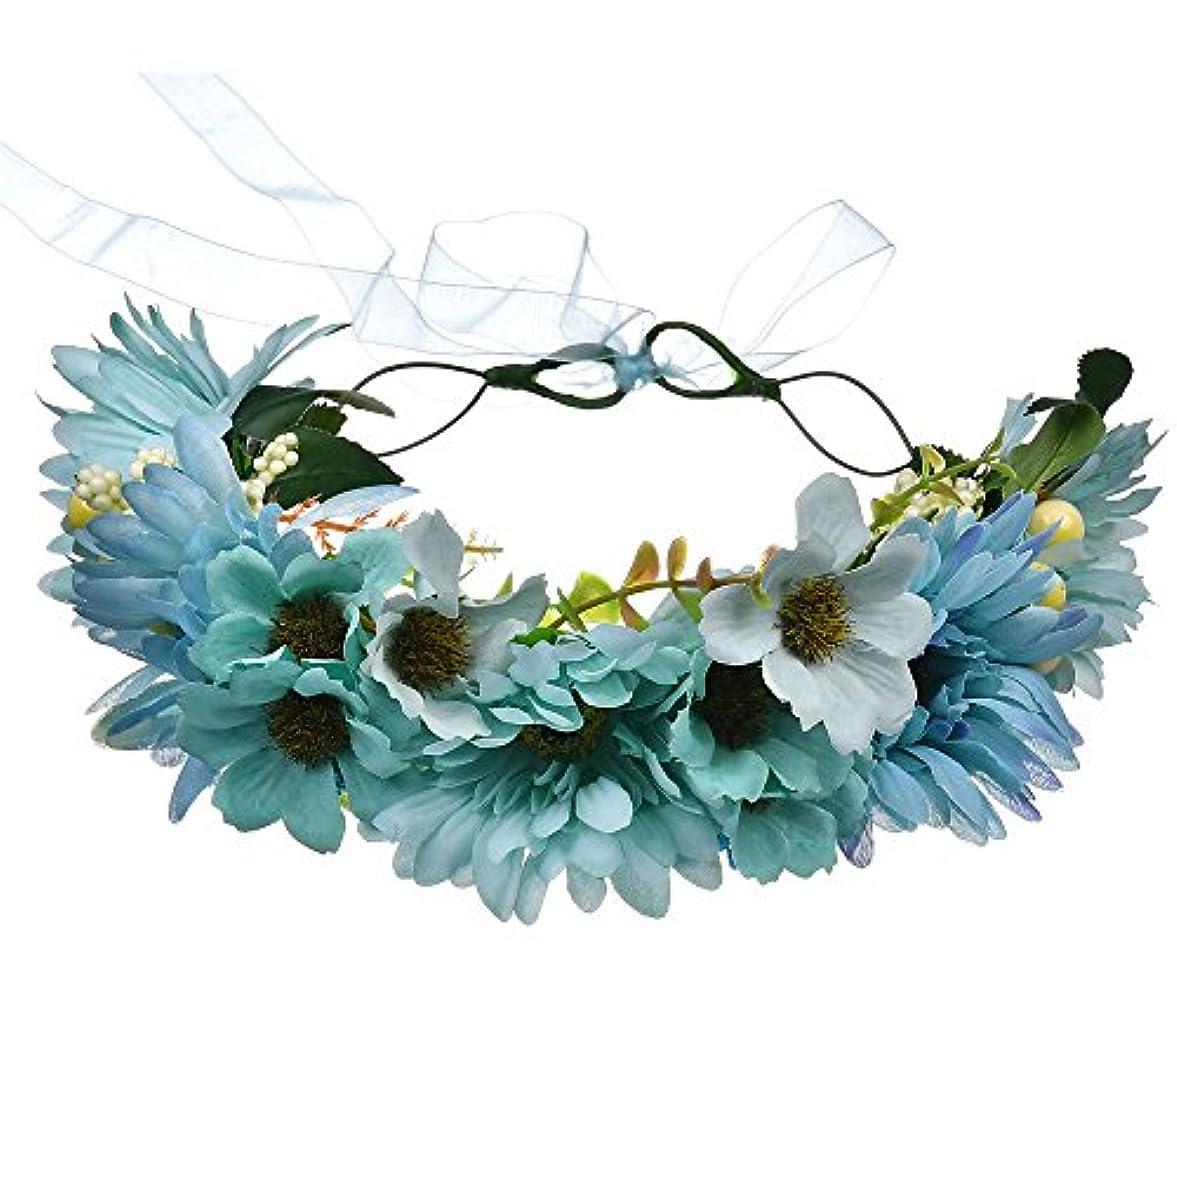 抽象にじみ出るマウンド1st market 自由奔放な菊の花輪ヘッドバンドヘッドバンド絶妙なユリの花ヘッドドレスビーチ写真の装飾女性の花輪ヘッドバンドヘアアクセサリーブルー耐久性と便利